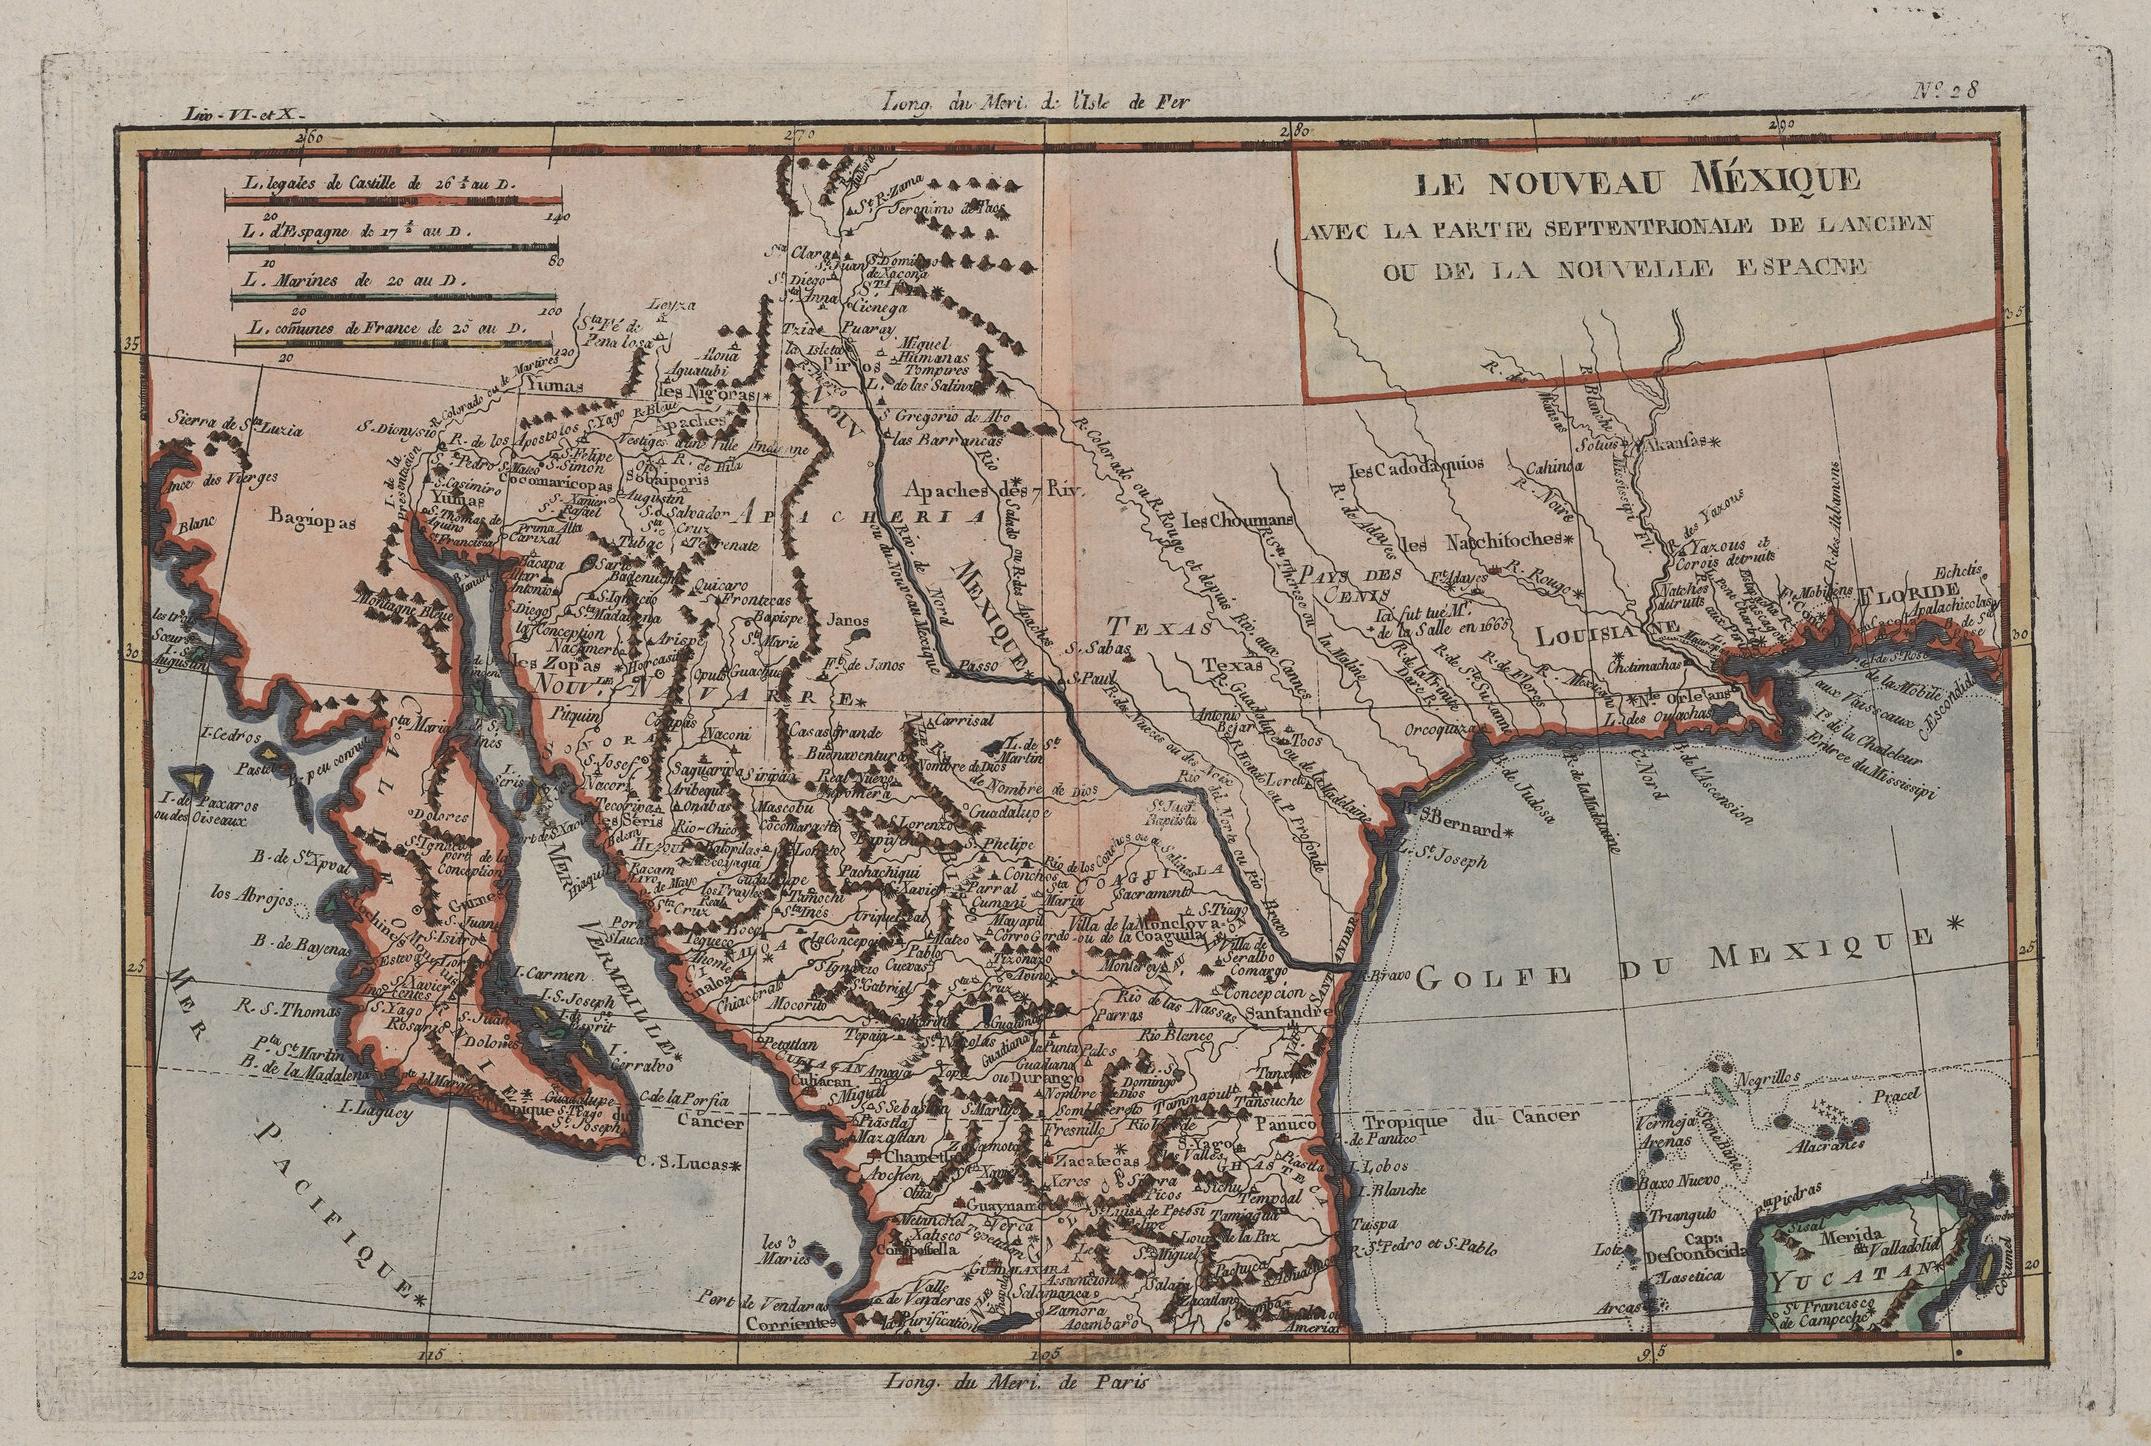 Amerique Septentrionale, 1750